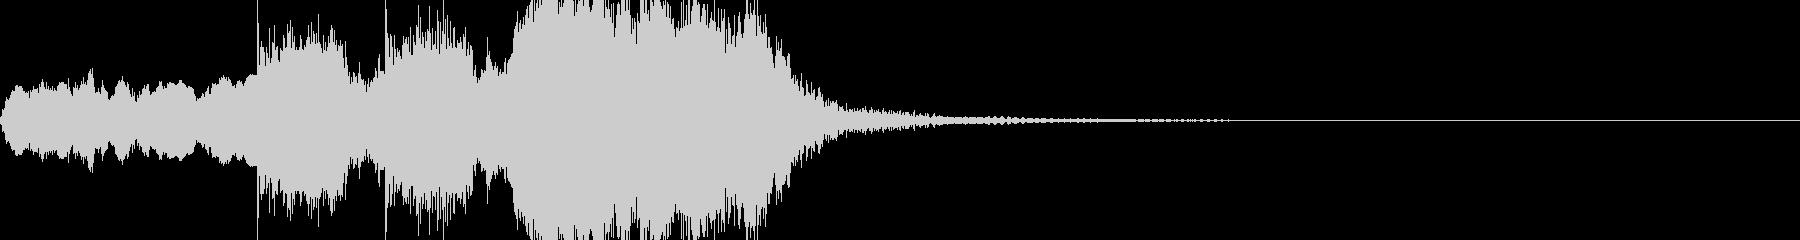 トランペットを含んだファンファーレの未再生の波形